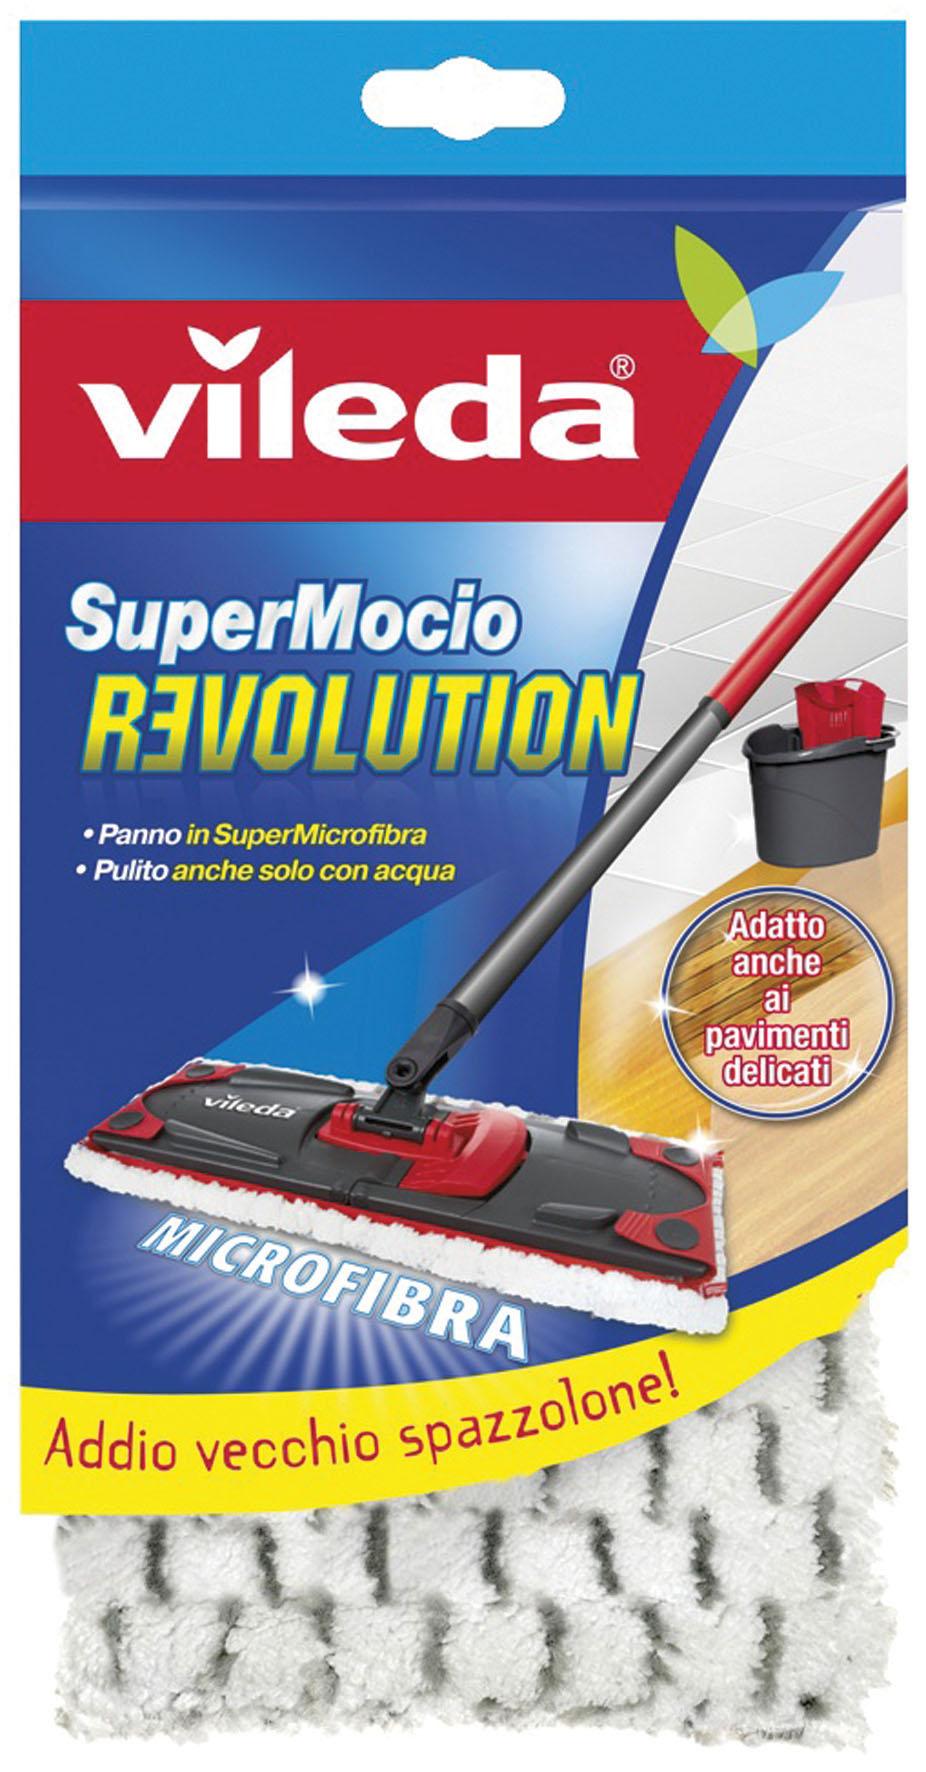 SUPERMOCIO REVOLUTION RICAMBIO